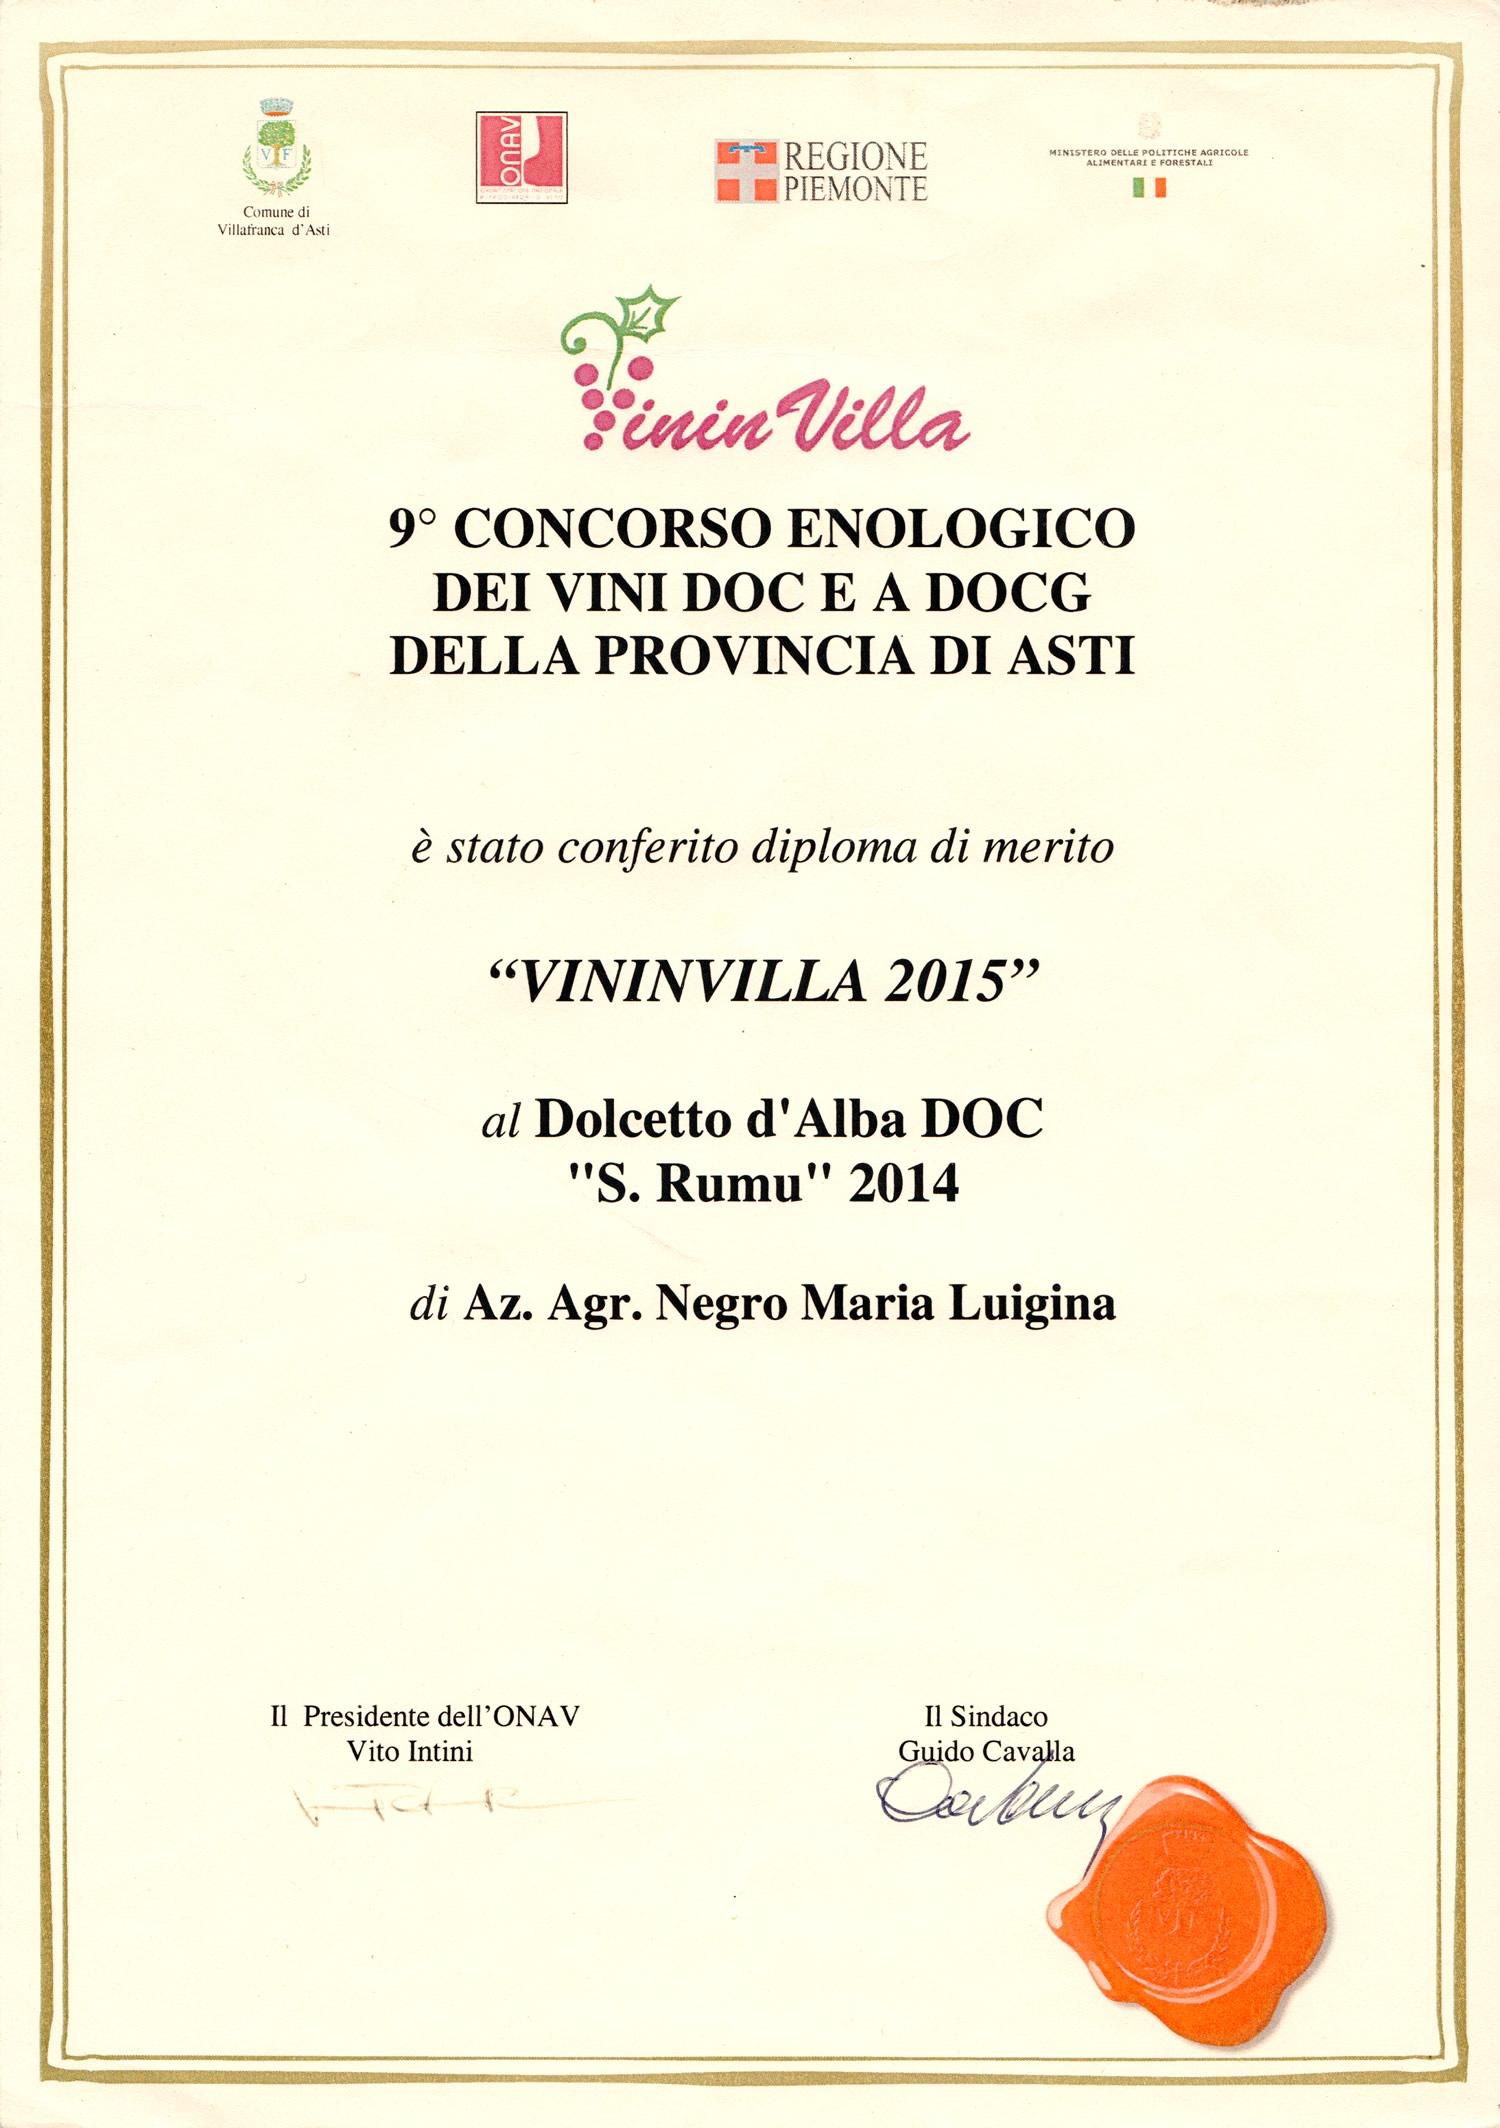 """VininVilla 2015 - Dolcetto d'Alba D.O.C. """"S. Rumu"""" 2014."""